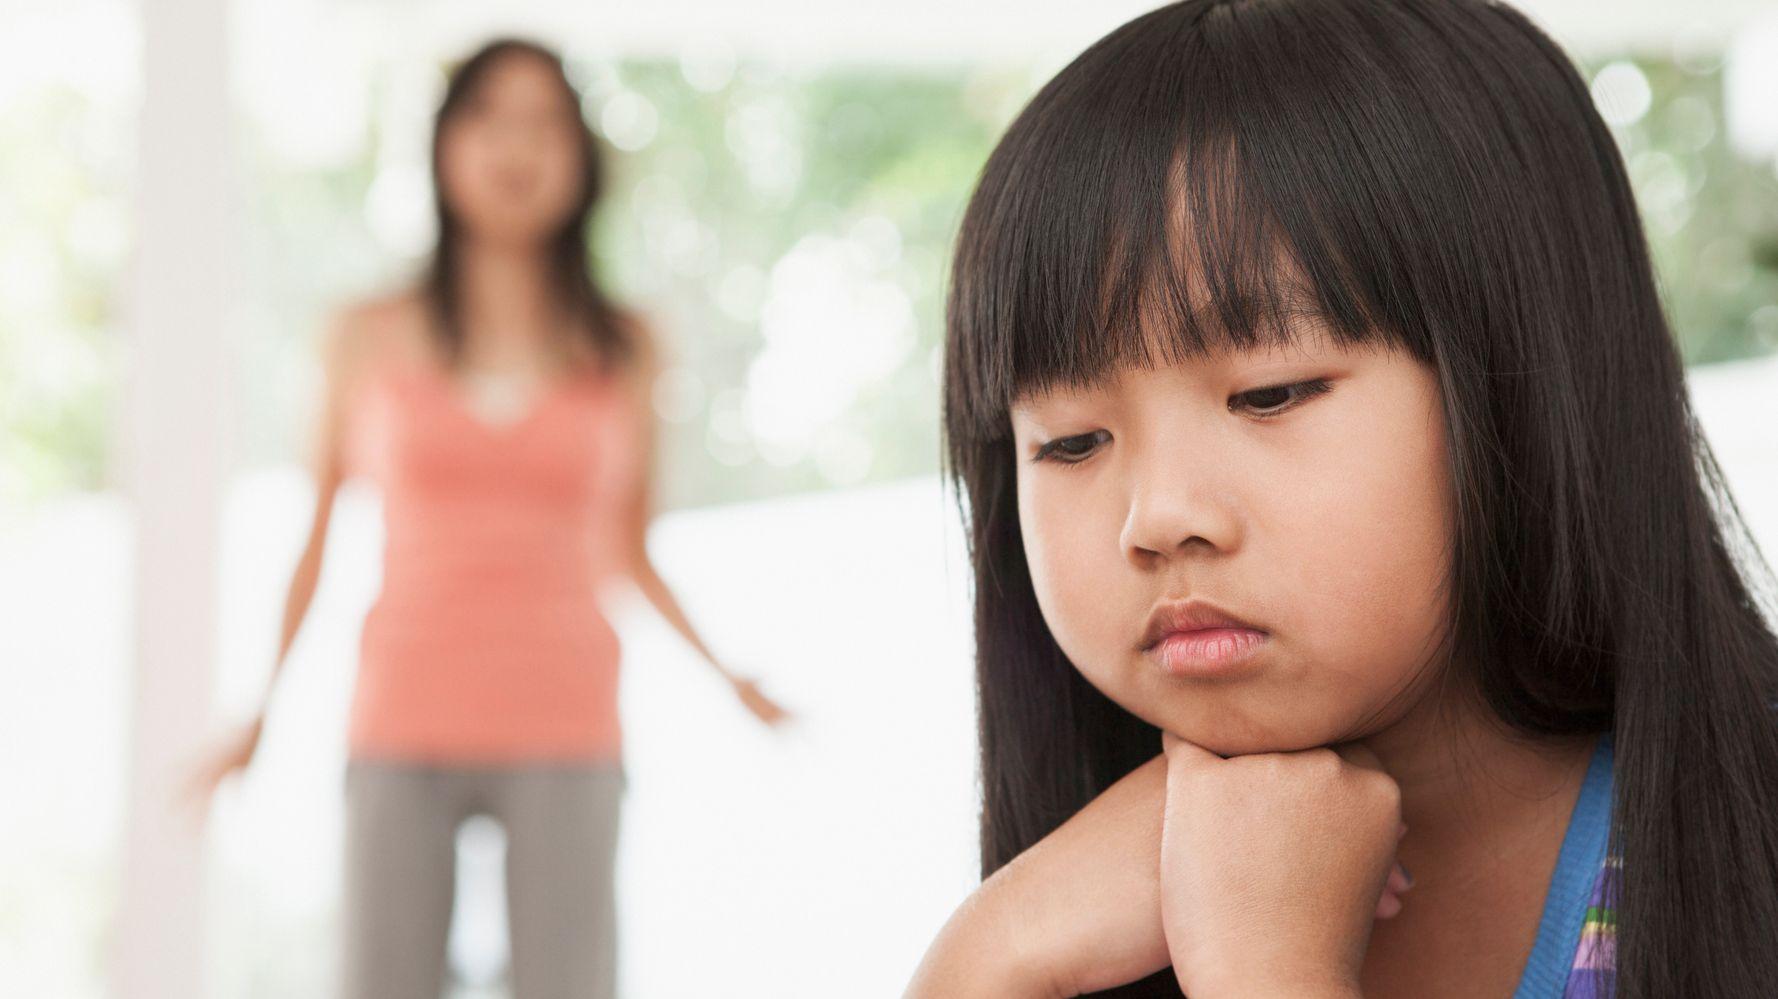 Những đứa trẻ thừa ra: Bố mẹ tan vỡ hôn nhân, sao để con phải trả giá? - Ảnh 3.